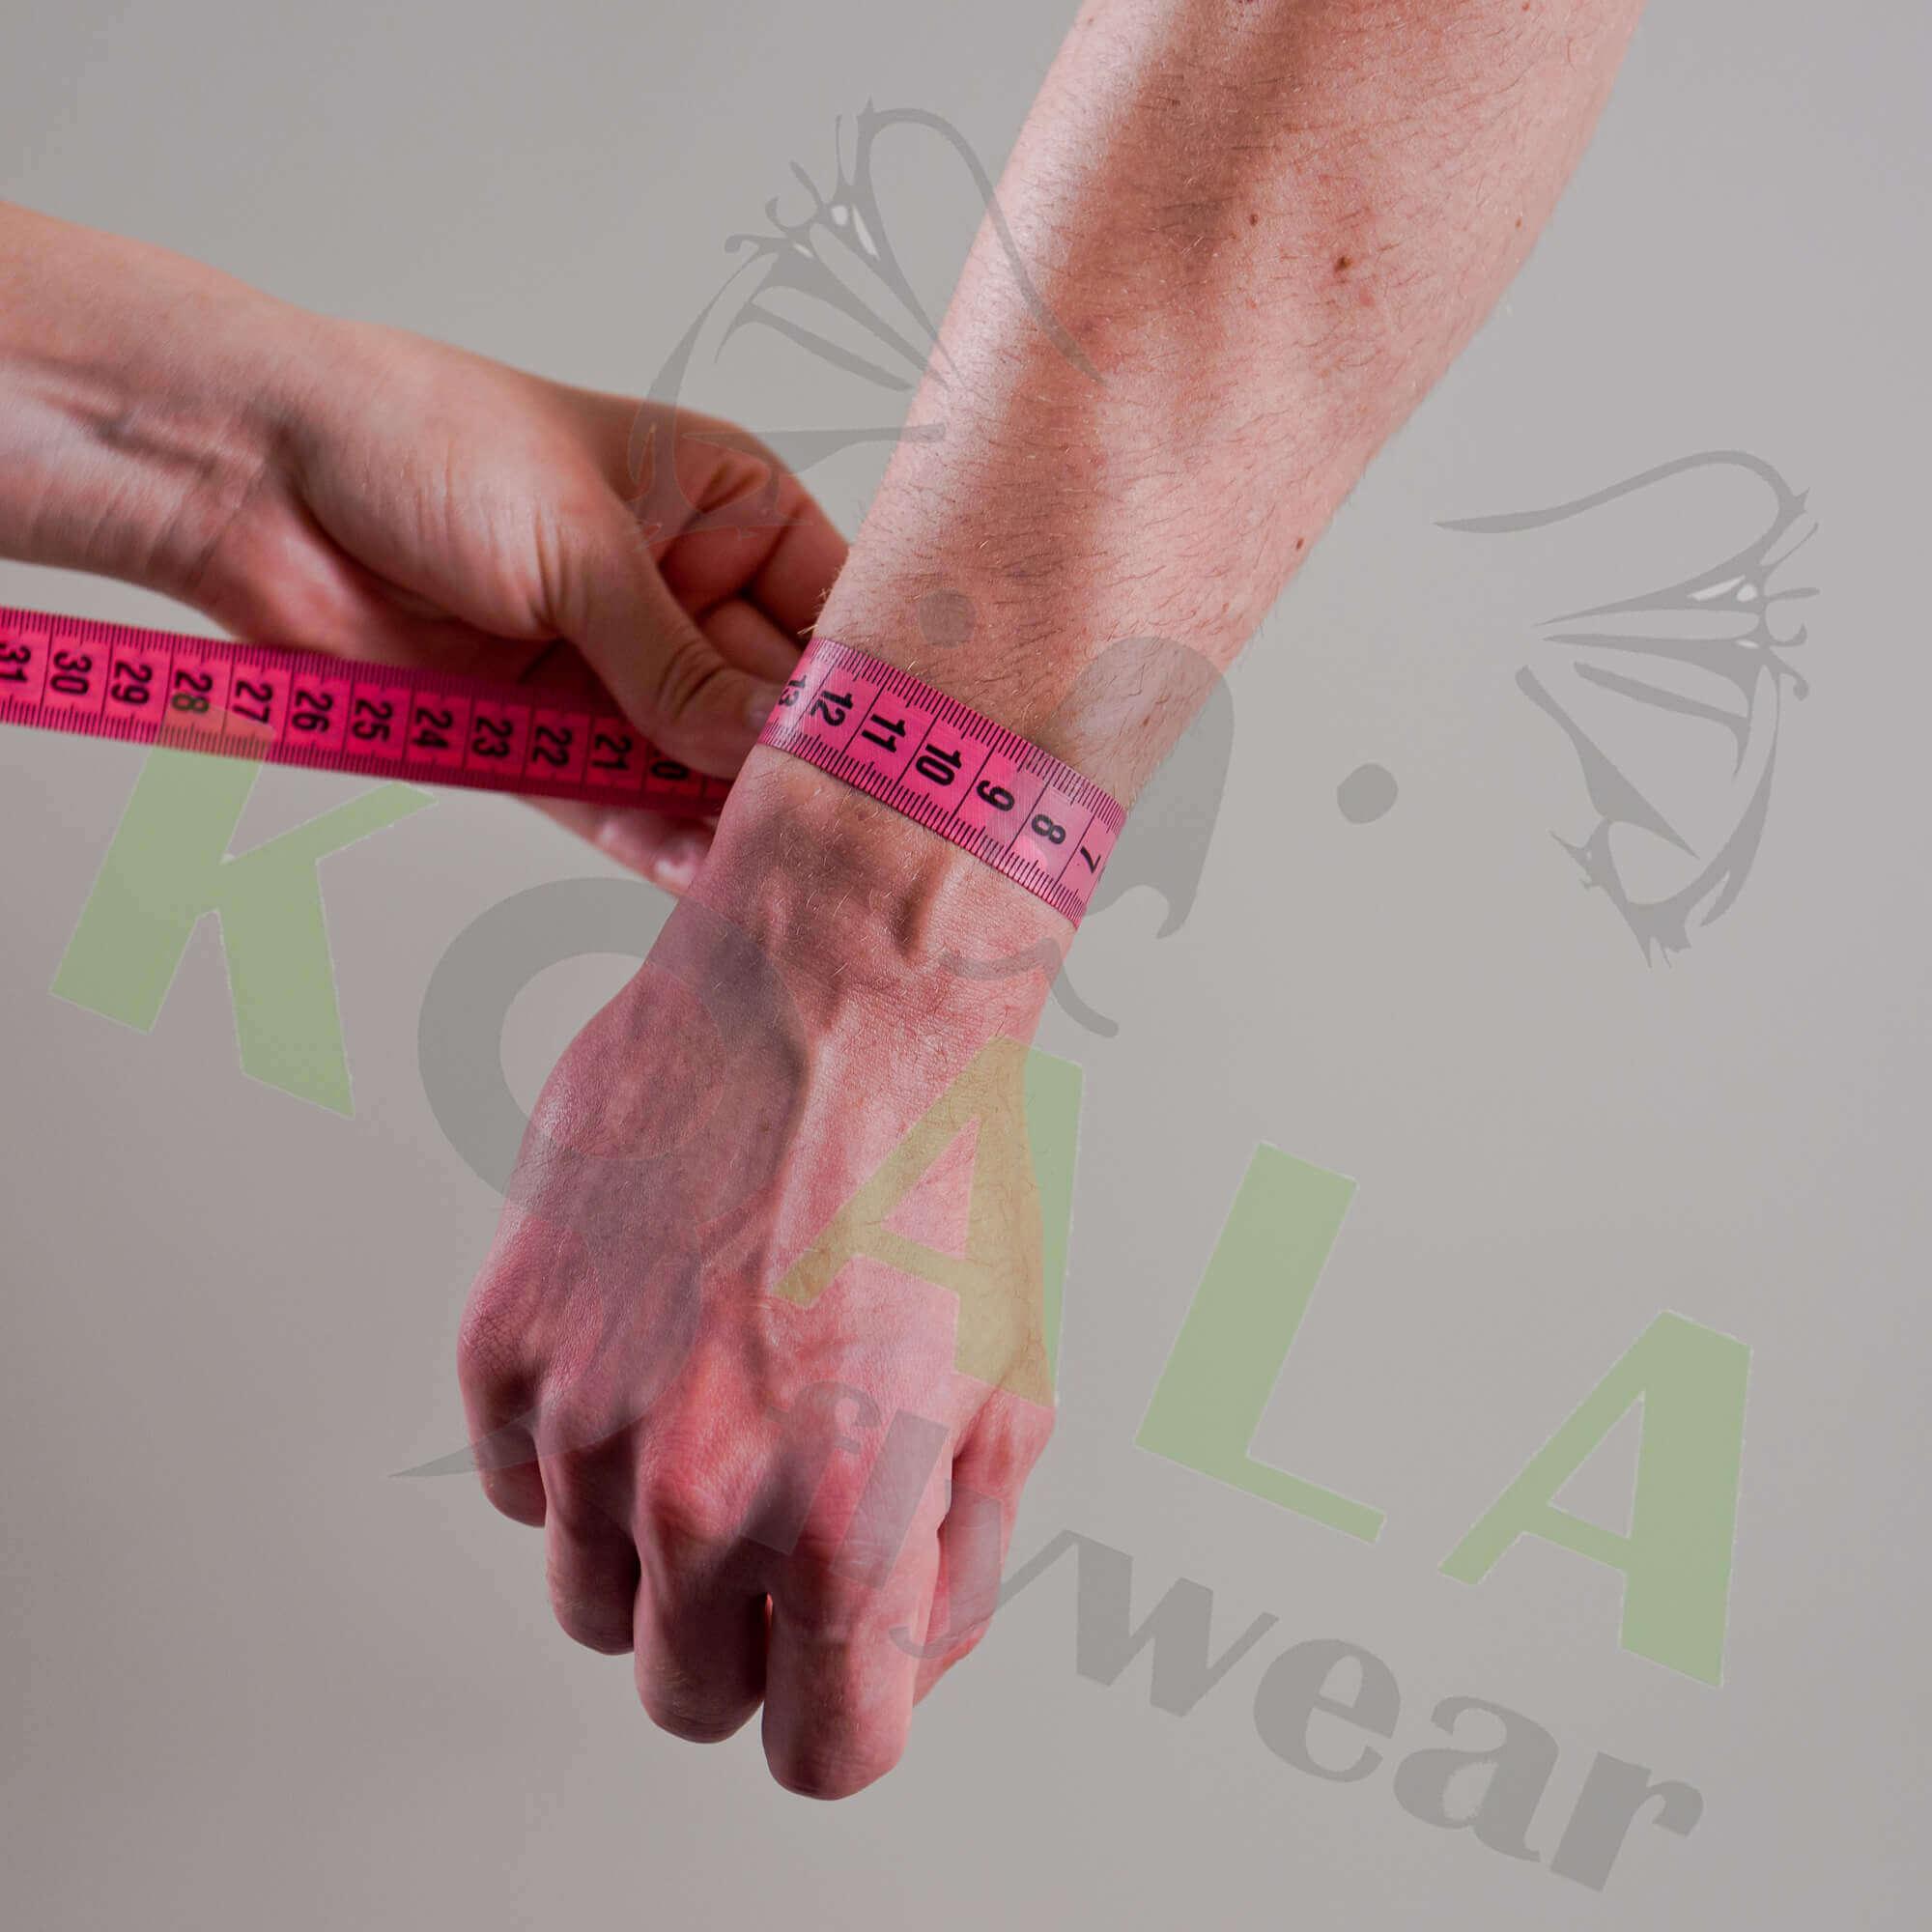 G - Wrist